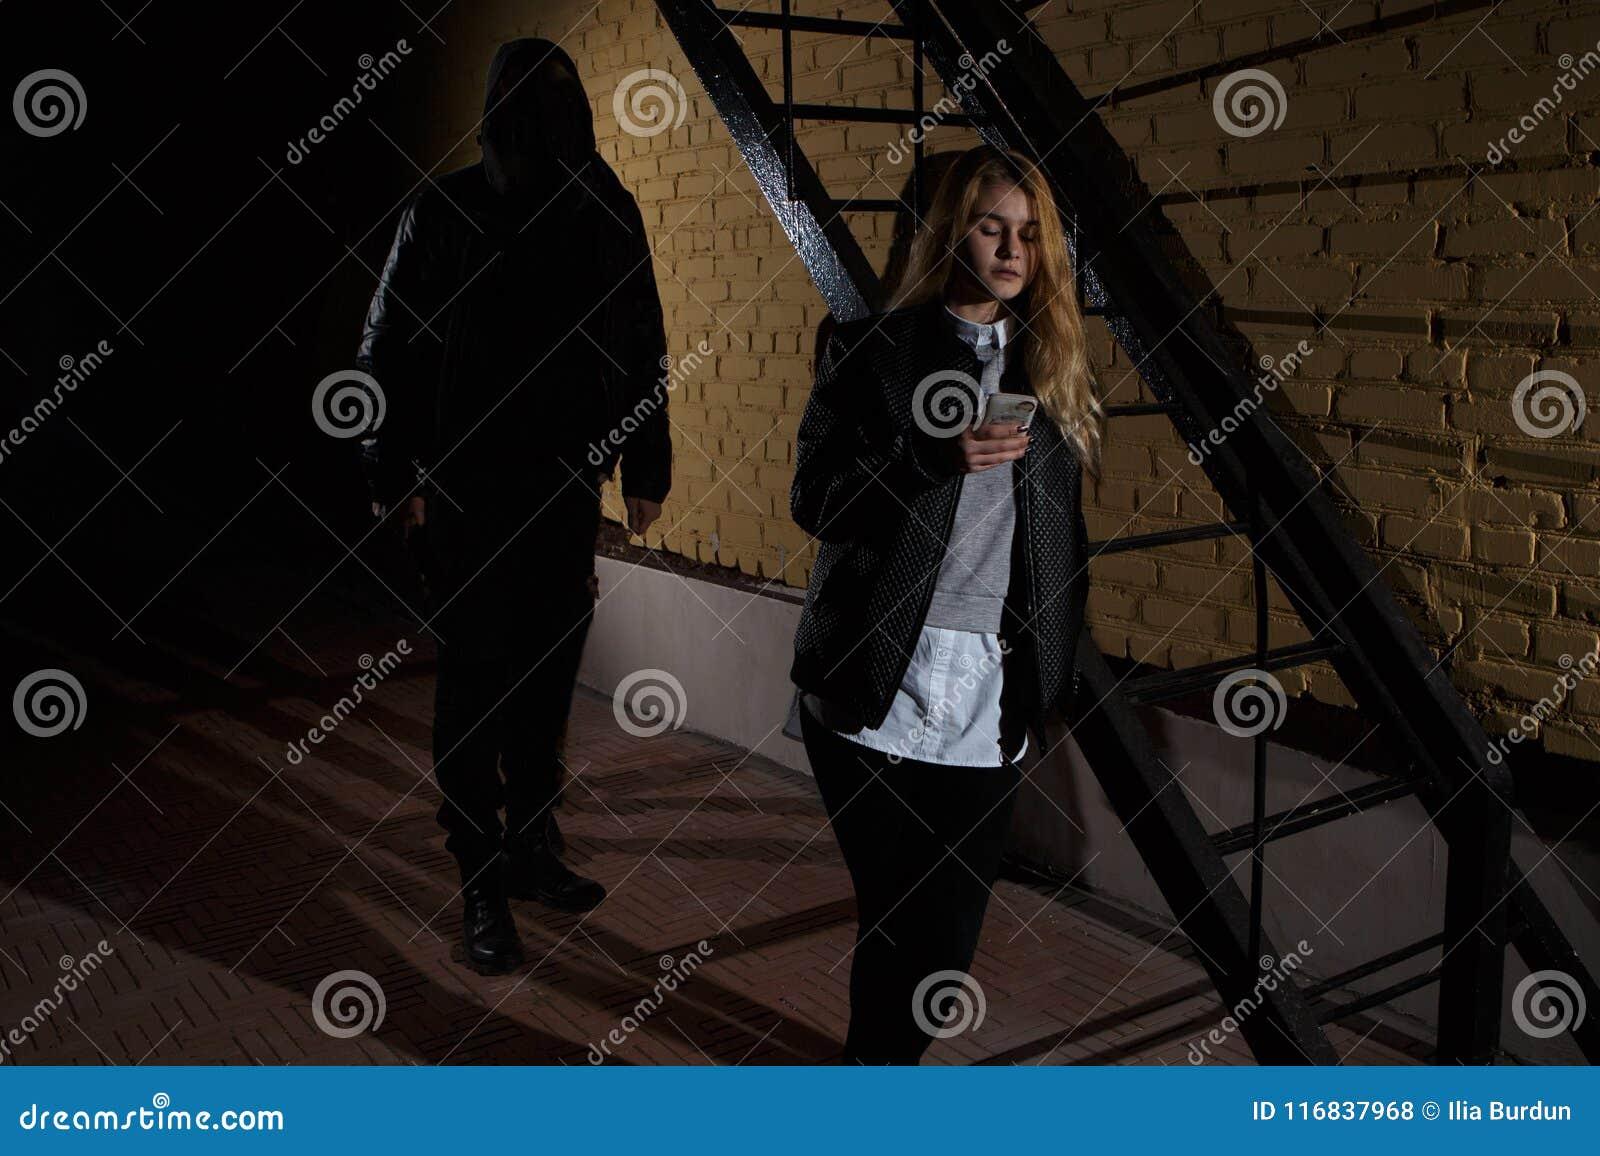 Οι έννοιες ληστείας εννοιών εγκλήματος ένας ληστής στόχευσαν το αιχμηρό μαχαίρι του σε μια γυναίκα για να ληστεψουν τα πολύτιμα π